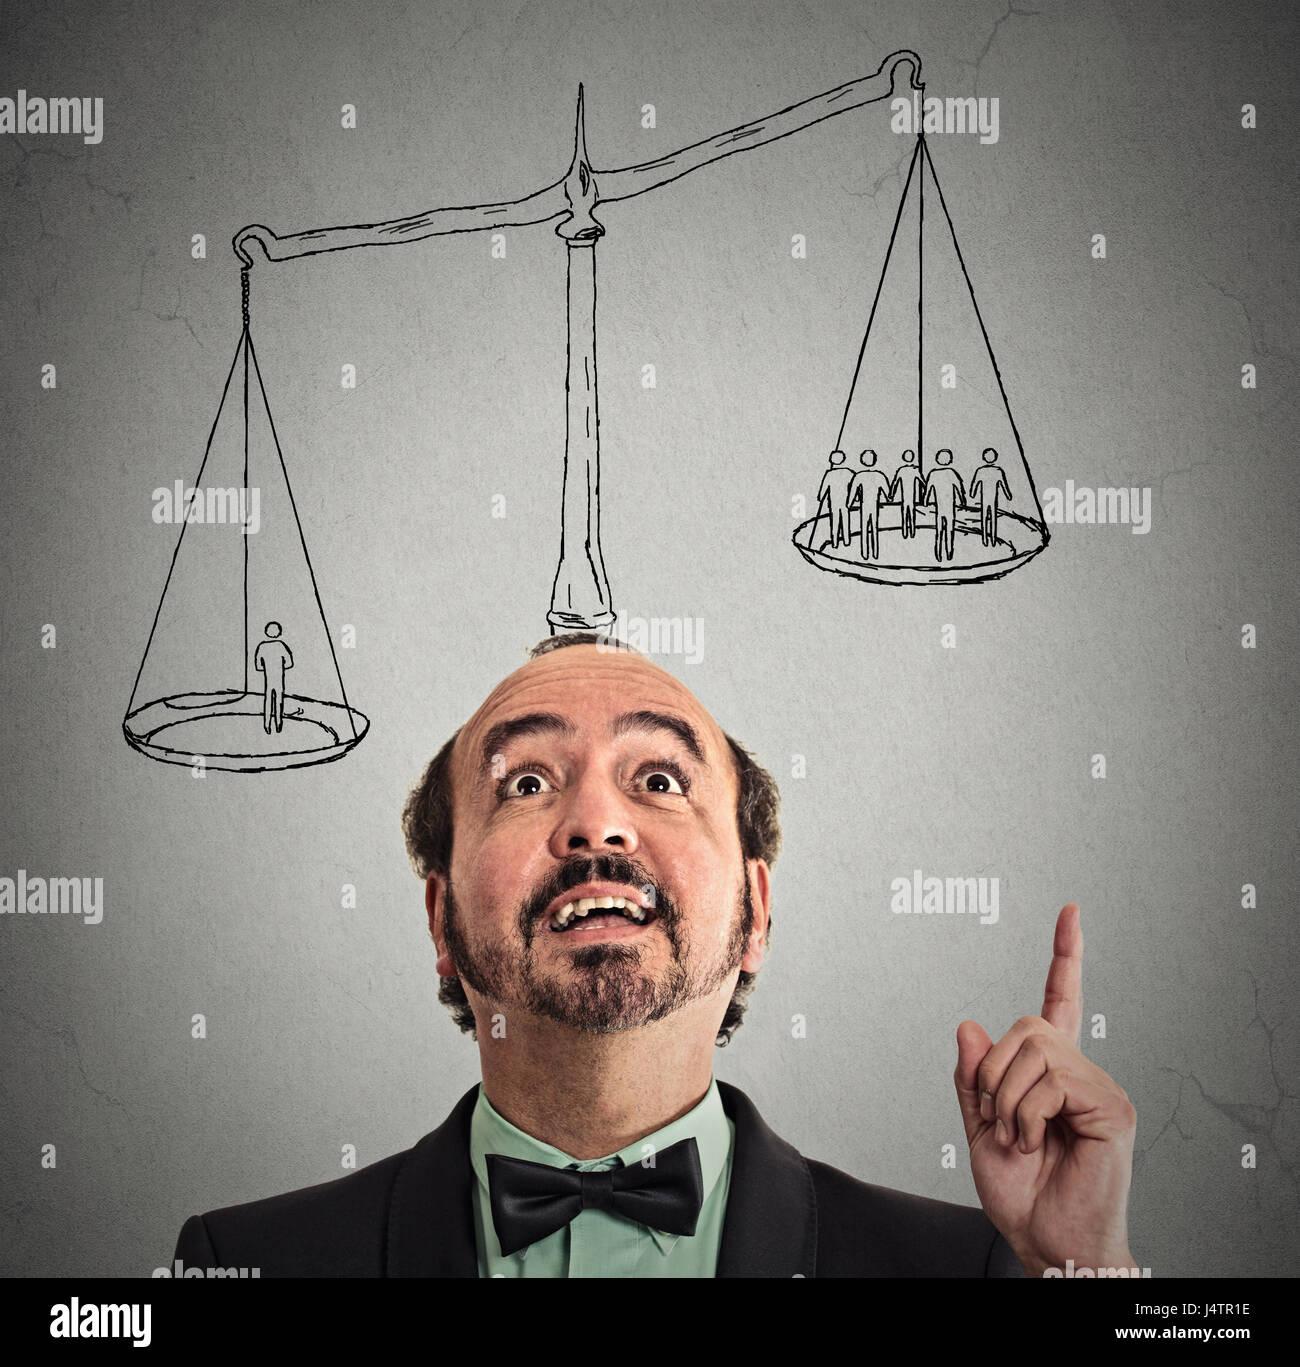 Empresario con escala tiene idea de solución sobre la cabeza de un hombre ponderación más de grupo Imagen De Stock